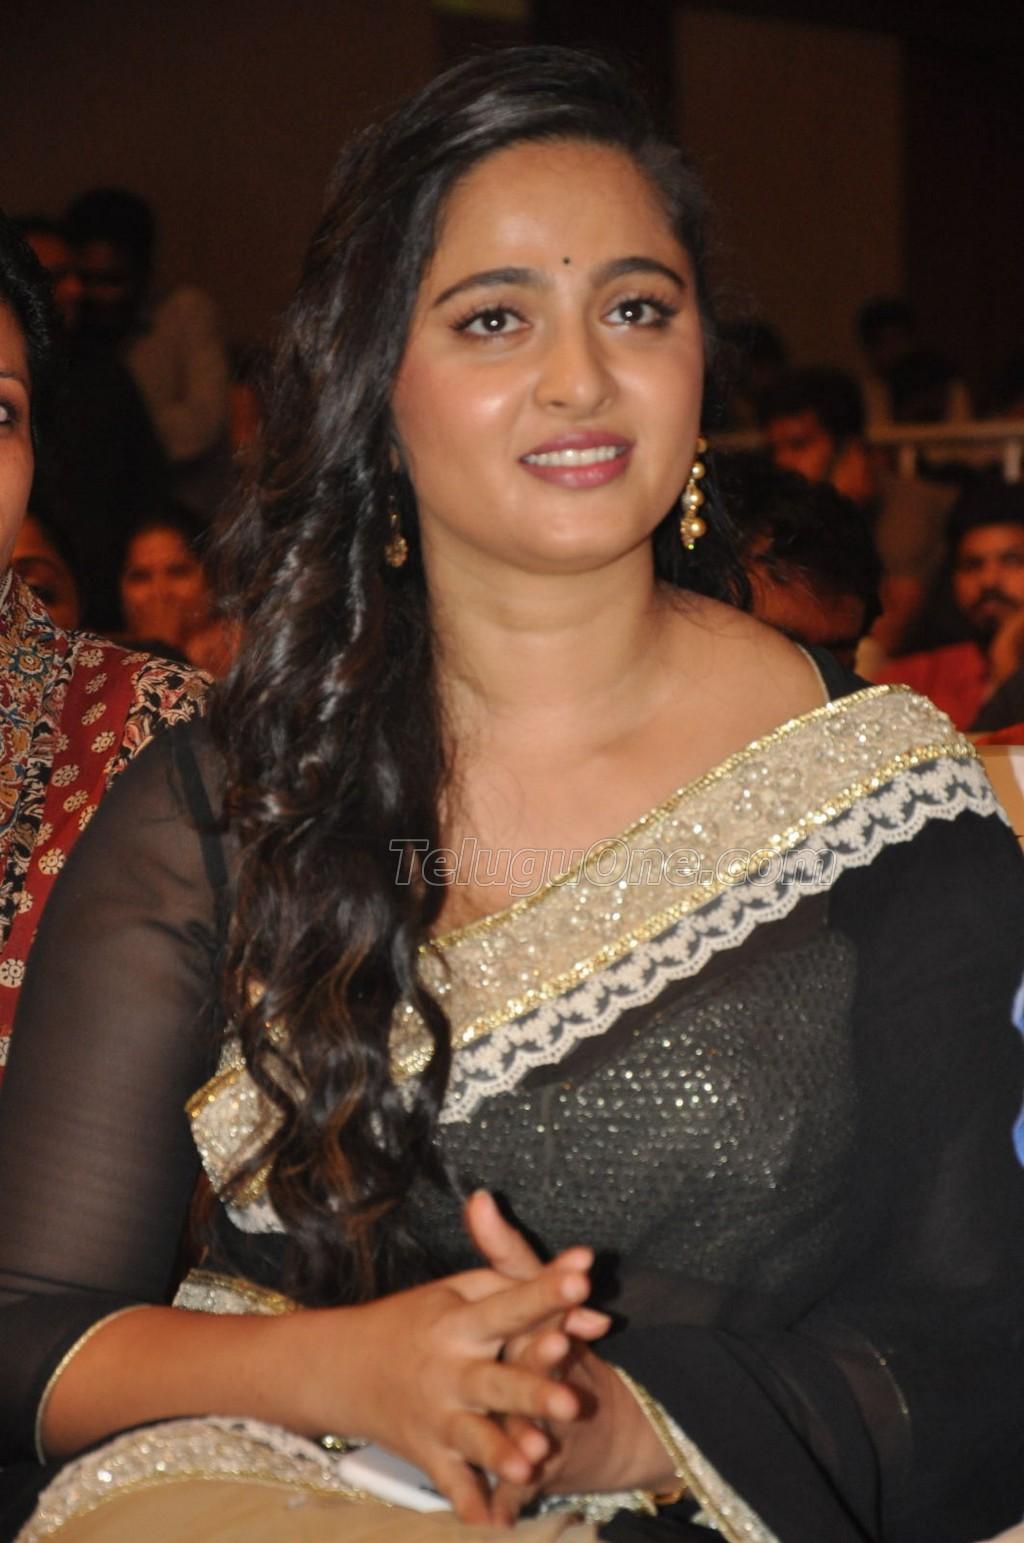 Telugu Movie News|Telugu Movie Reviews|Telugu Movie Gossips